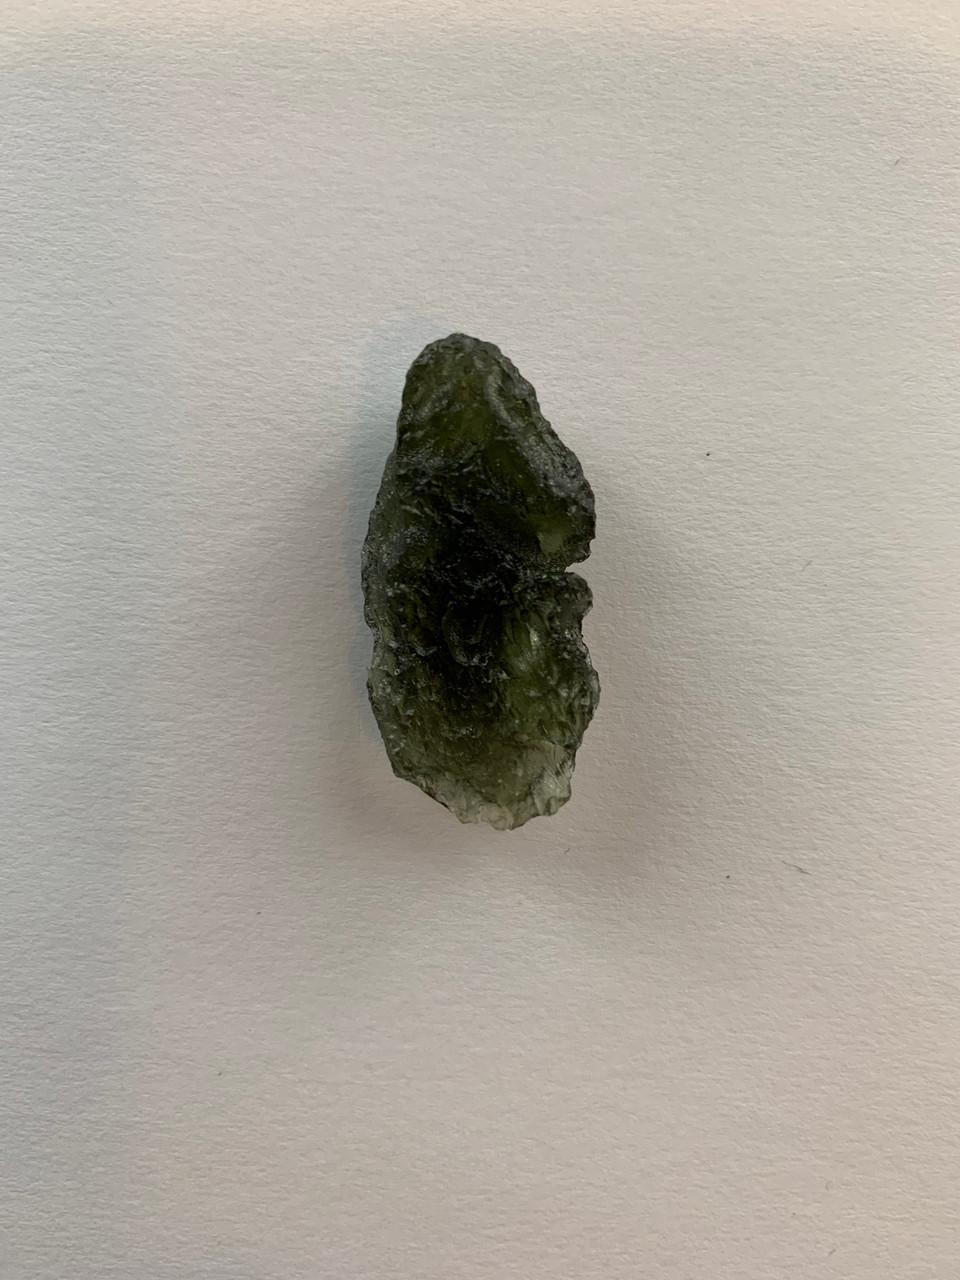 2. Moldavite Stone